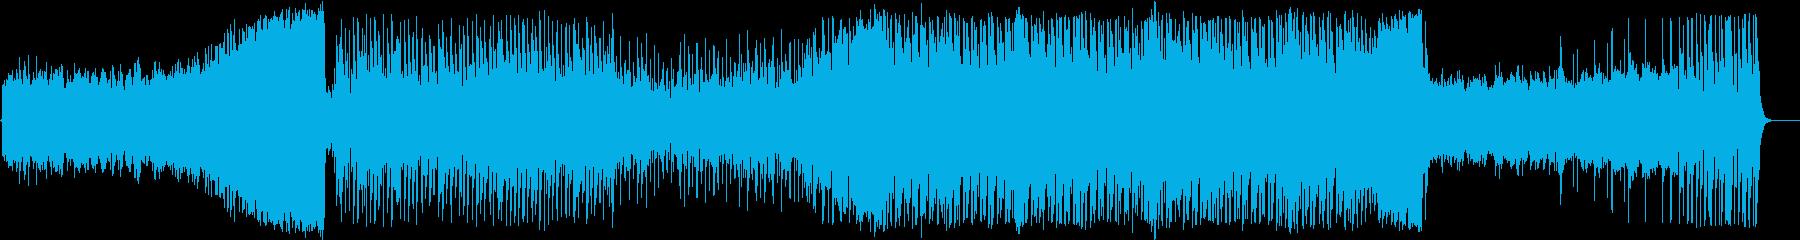 カノンとテクノのフュージョンの再生済みの波形